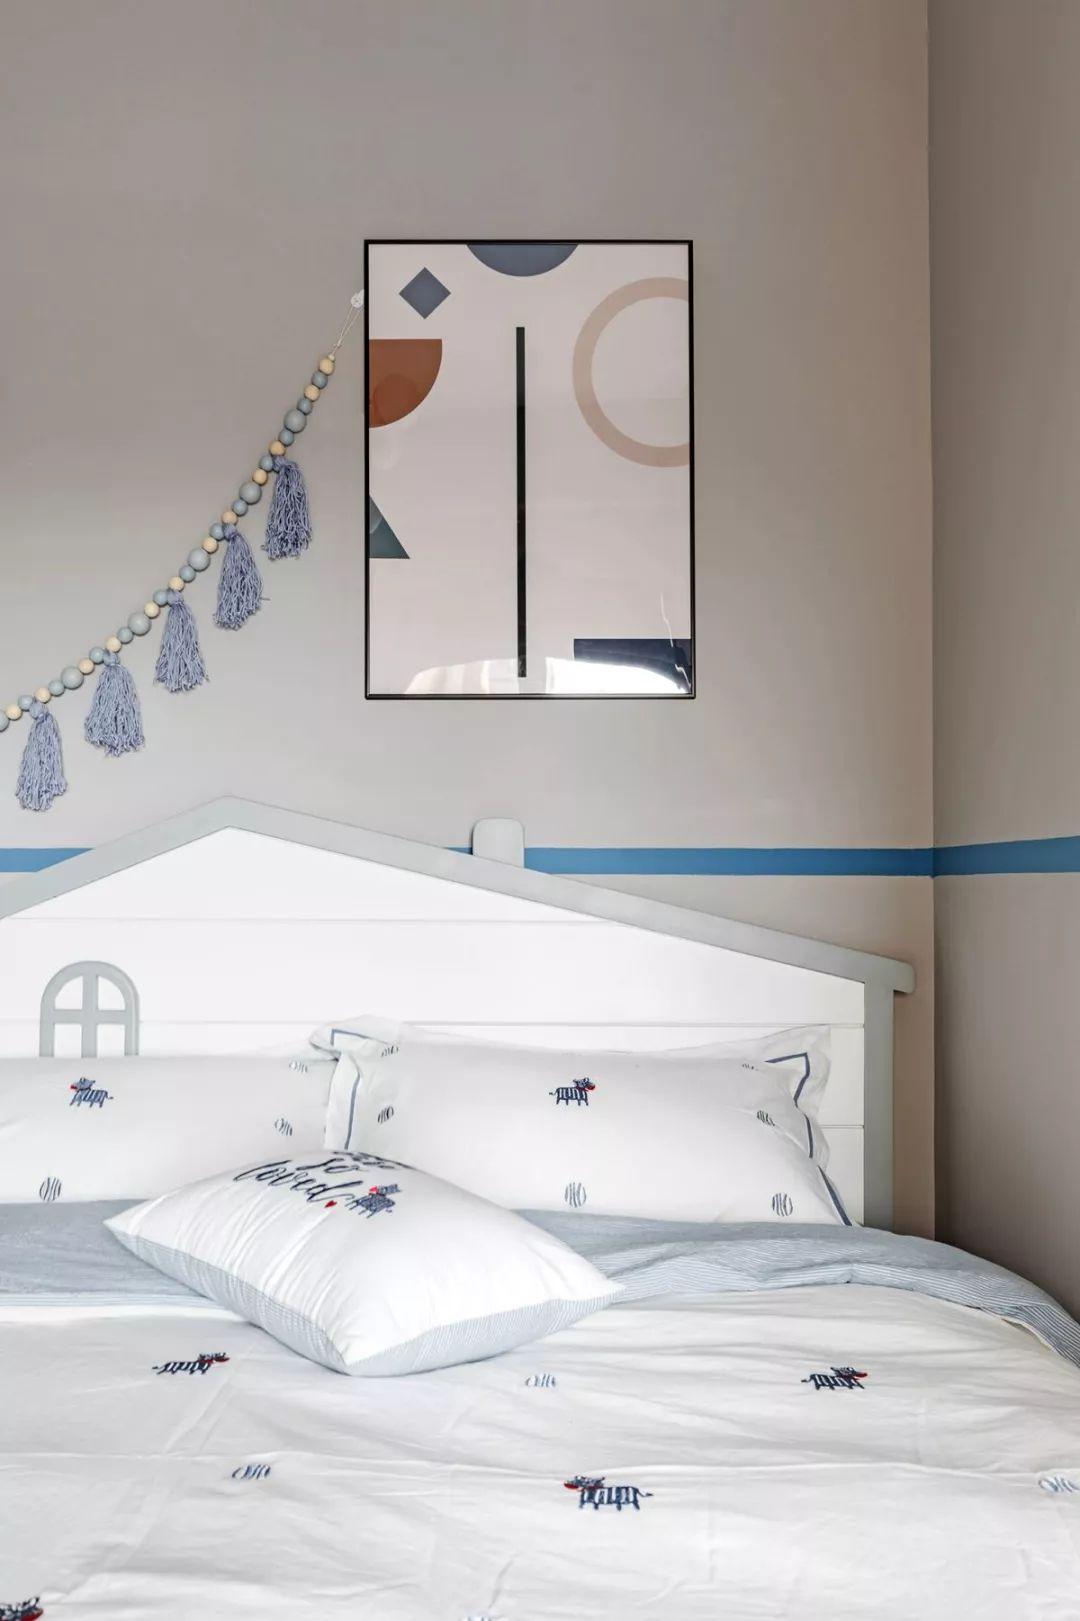 儿童房整体以浅色为基调,布置非常舒适。